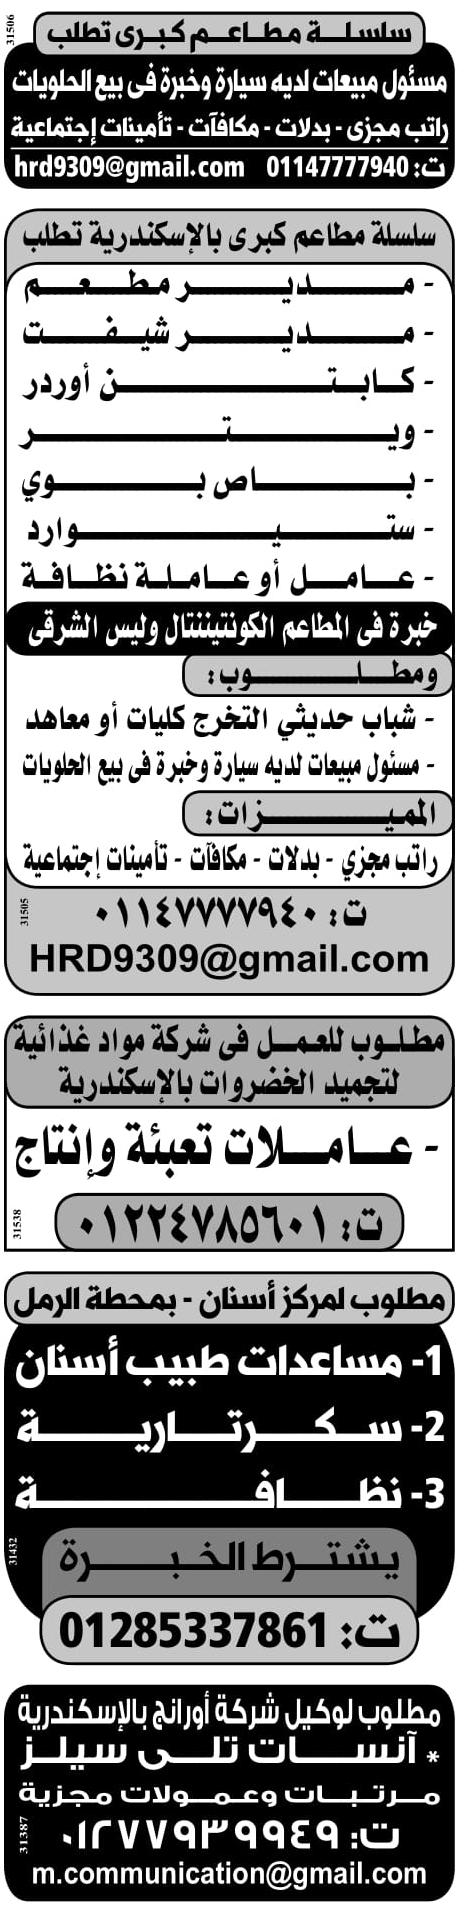 وظائف جريدة الوسيط الاسكندرية اخر عدد pdf اليوم 15/4/2019 7